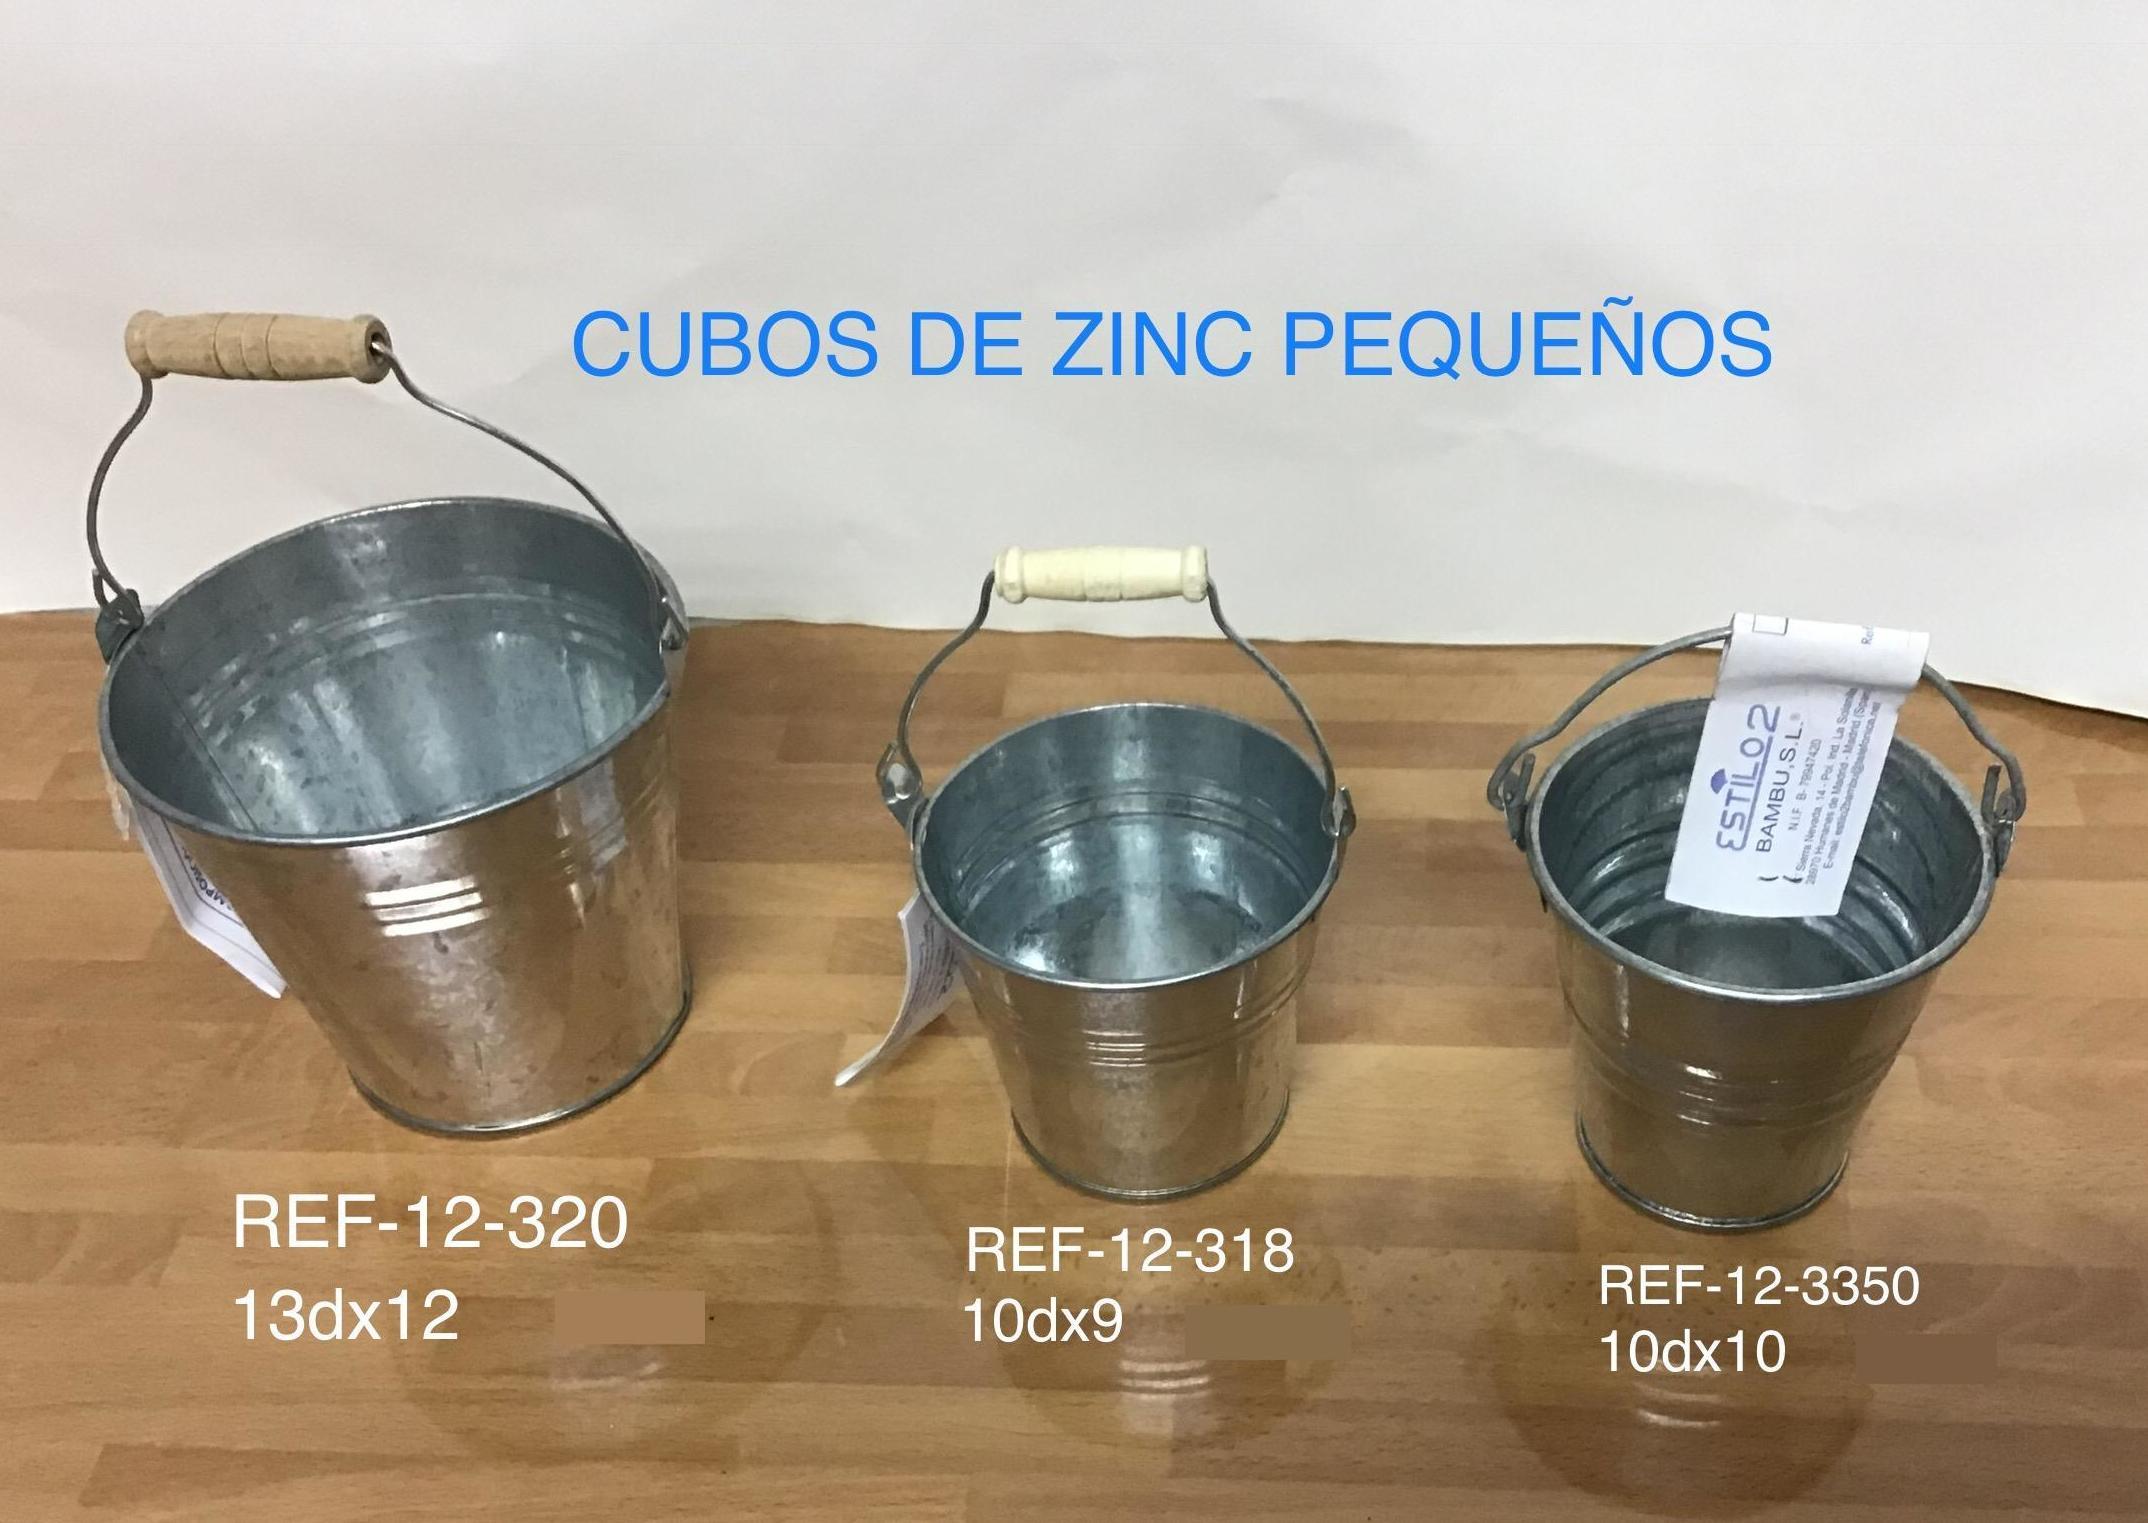 CUBOS CINC EN MADRID